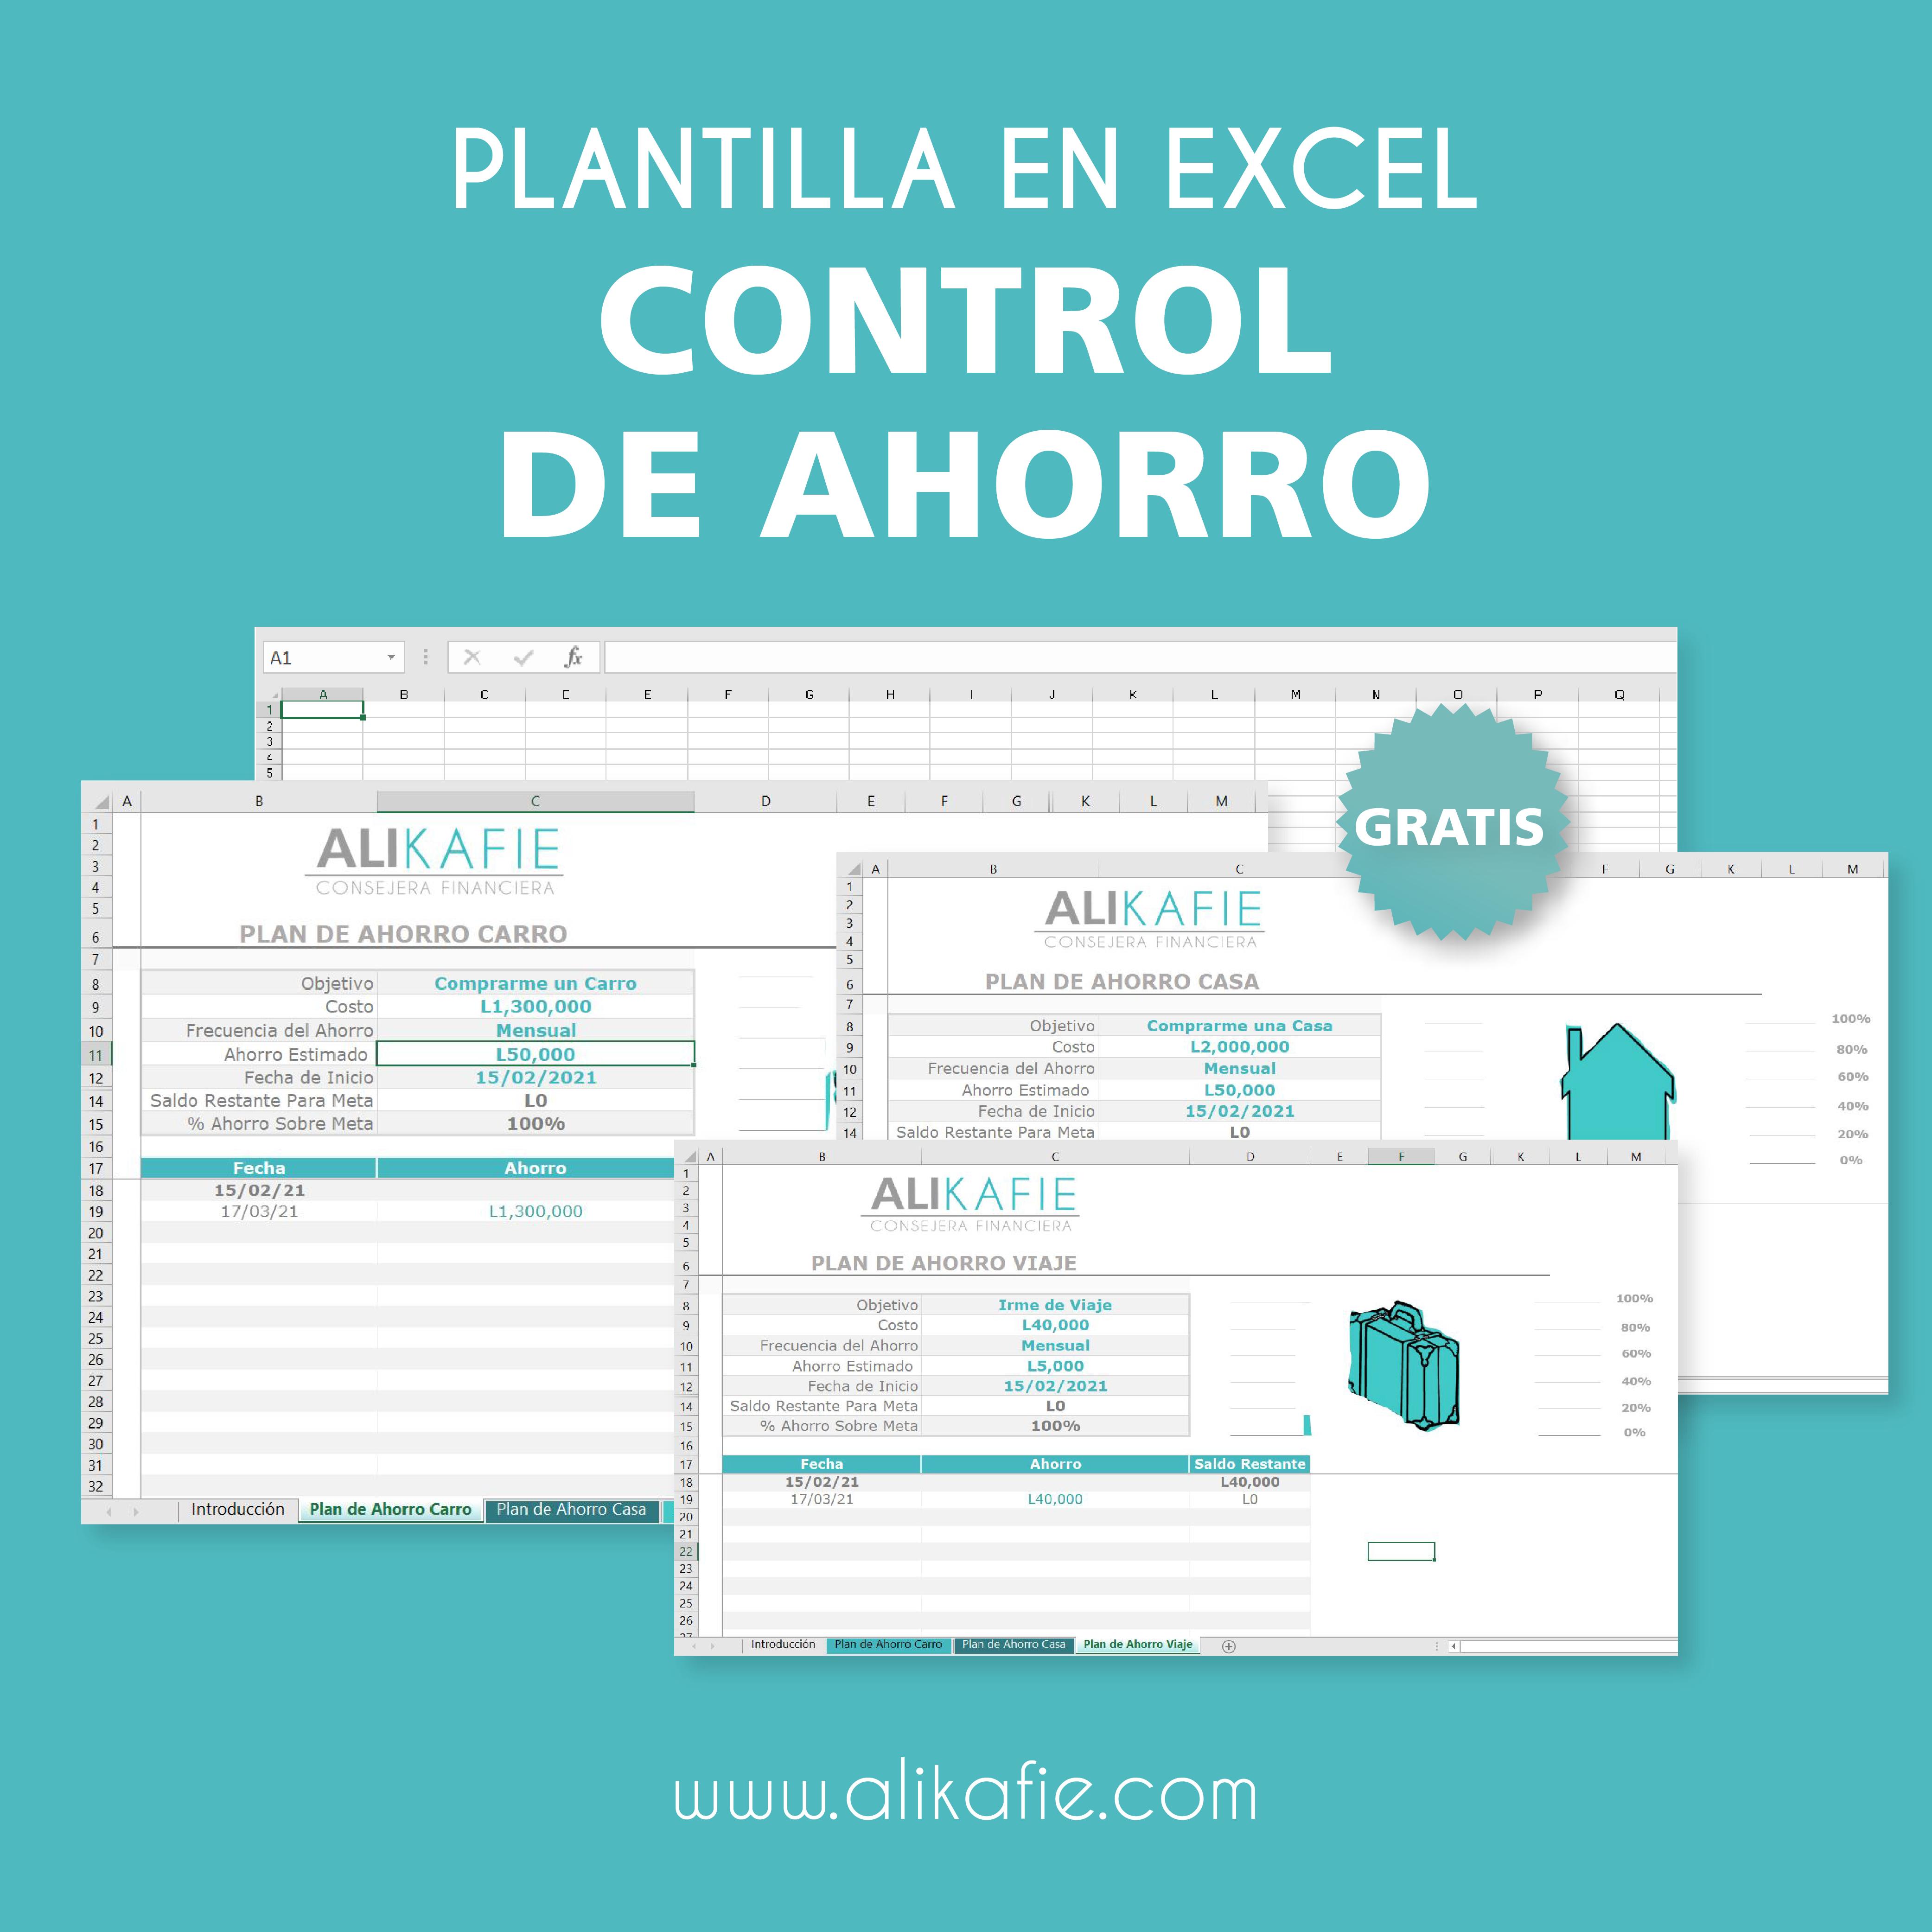 Plantillas-03